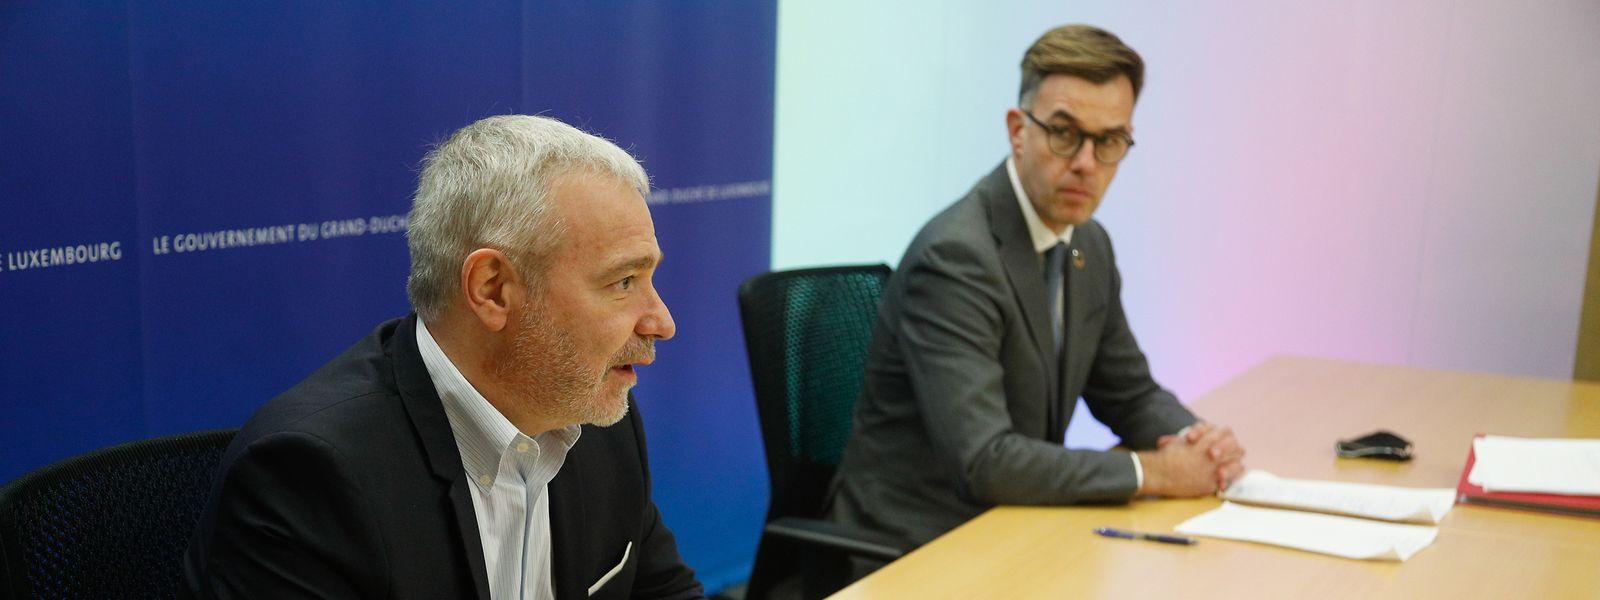 Dan Kersch (à gauche) fait-il cavalier seul ou les ministres de l'Economie (Franz Fayot ici à droite) et des Classes moyennes (Lex Delles) le suivent-ils?